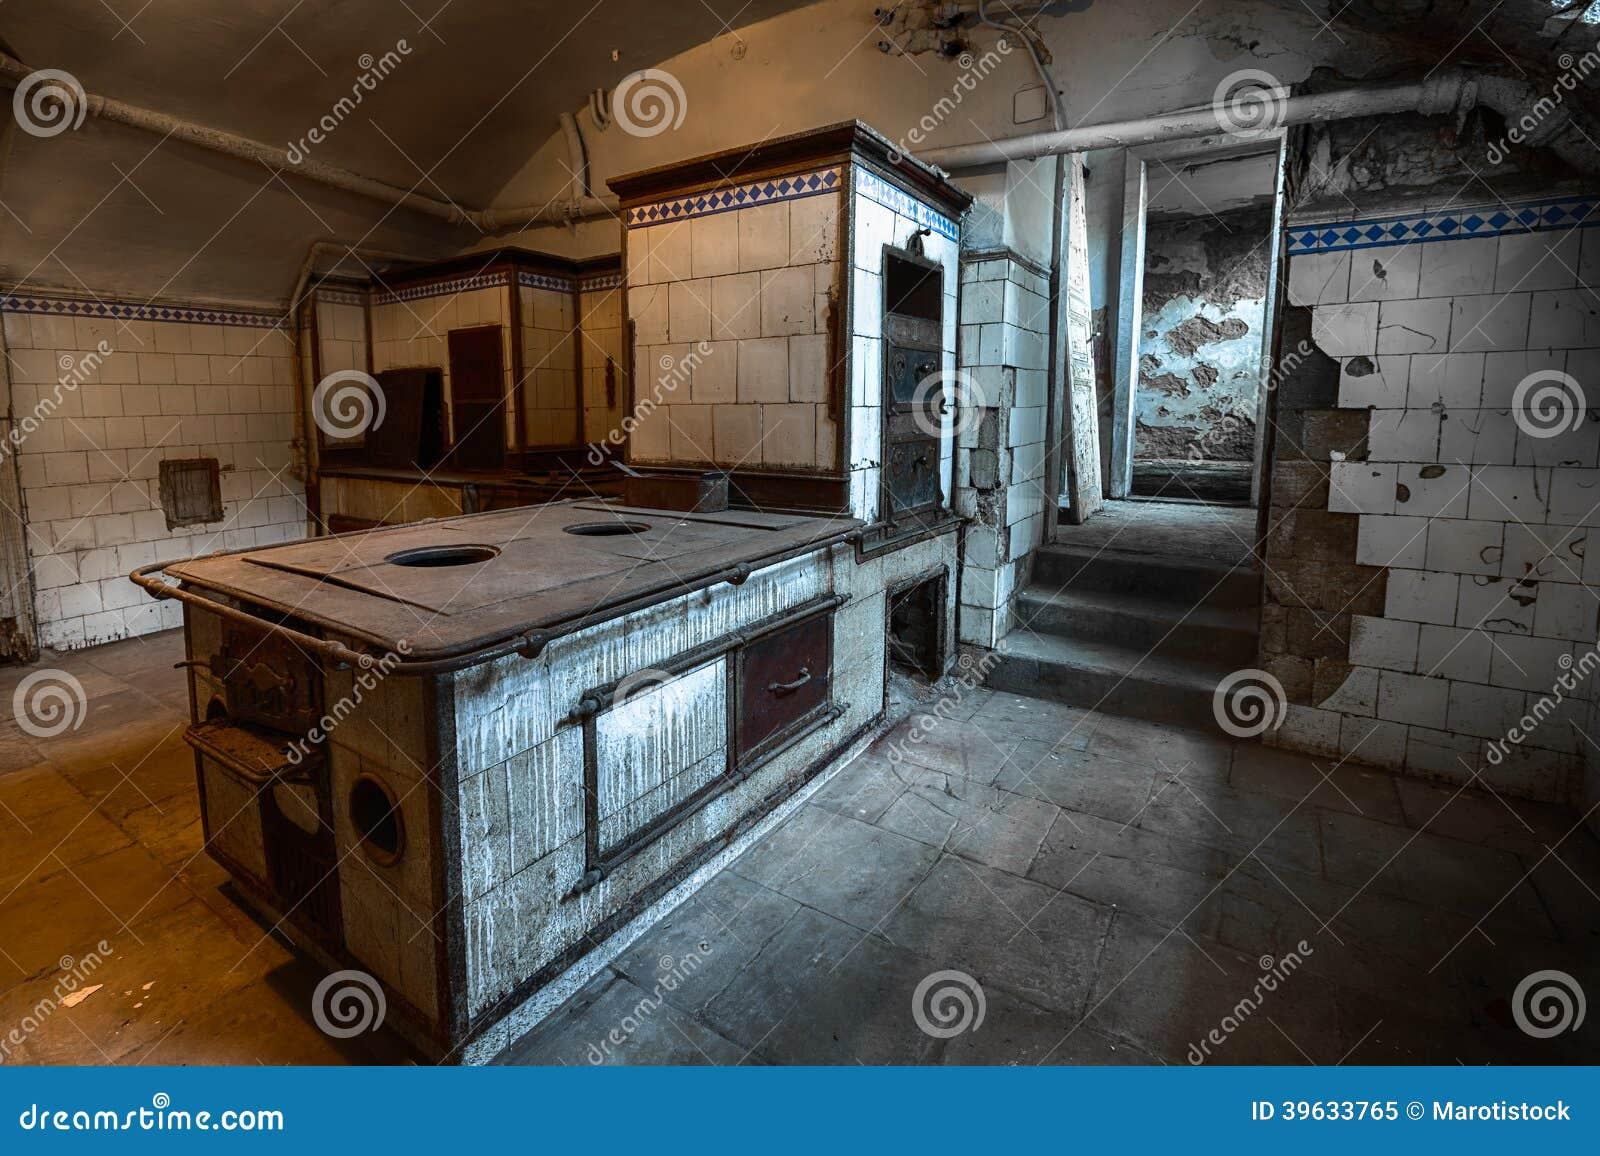 Old Kitchen Old Kitchen Stock Photo Image 39633765